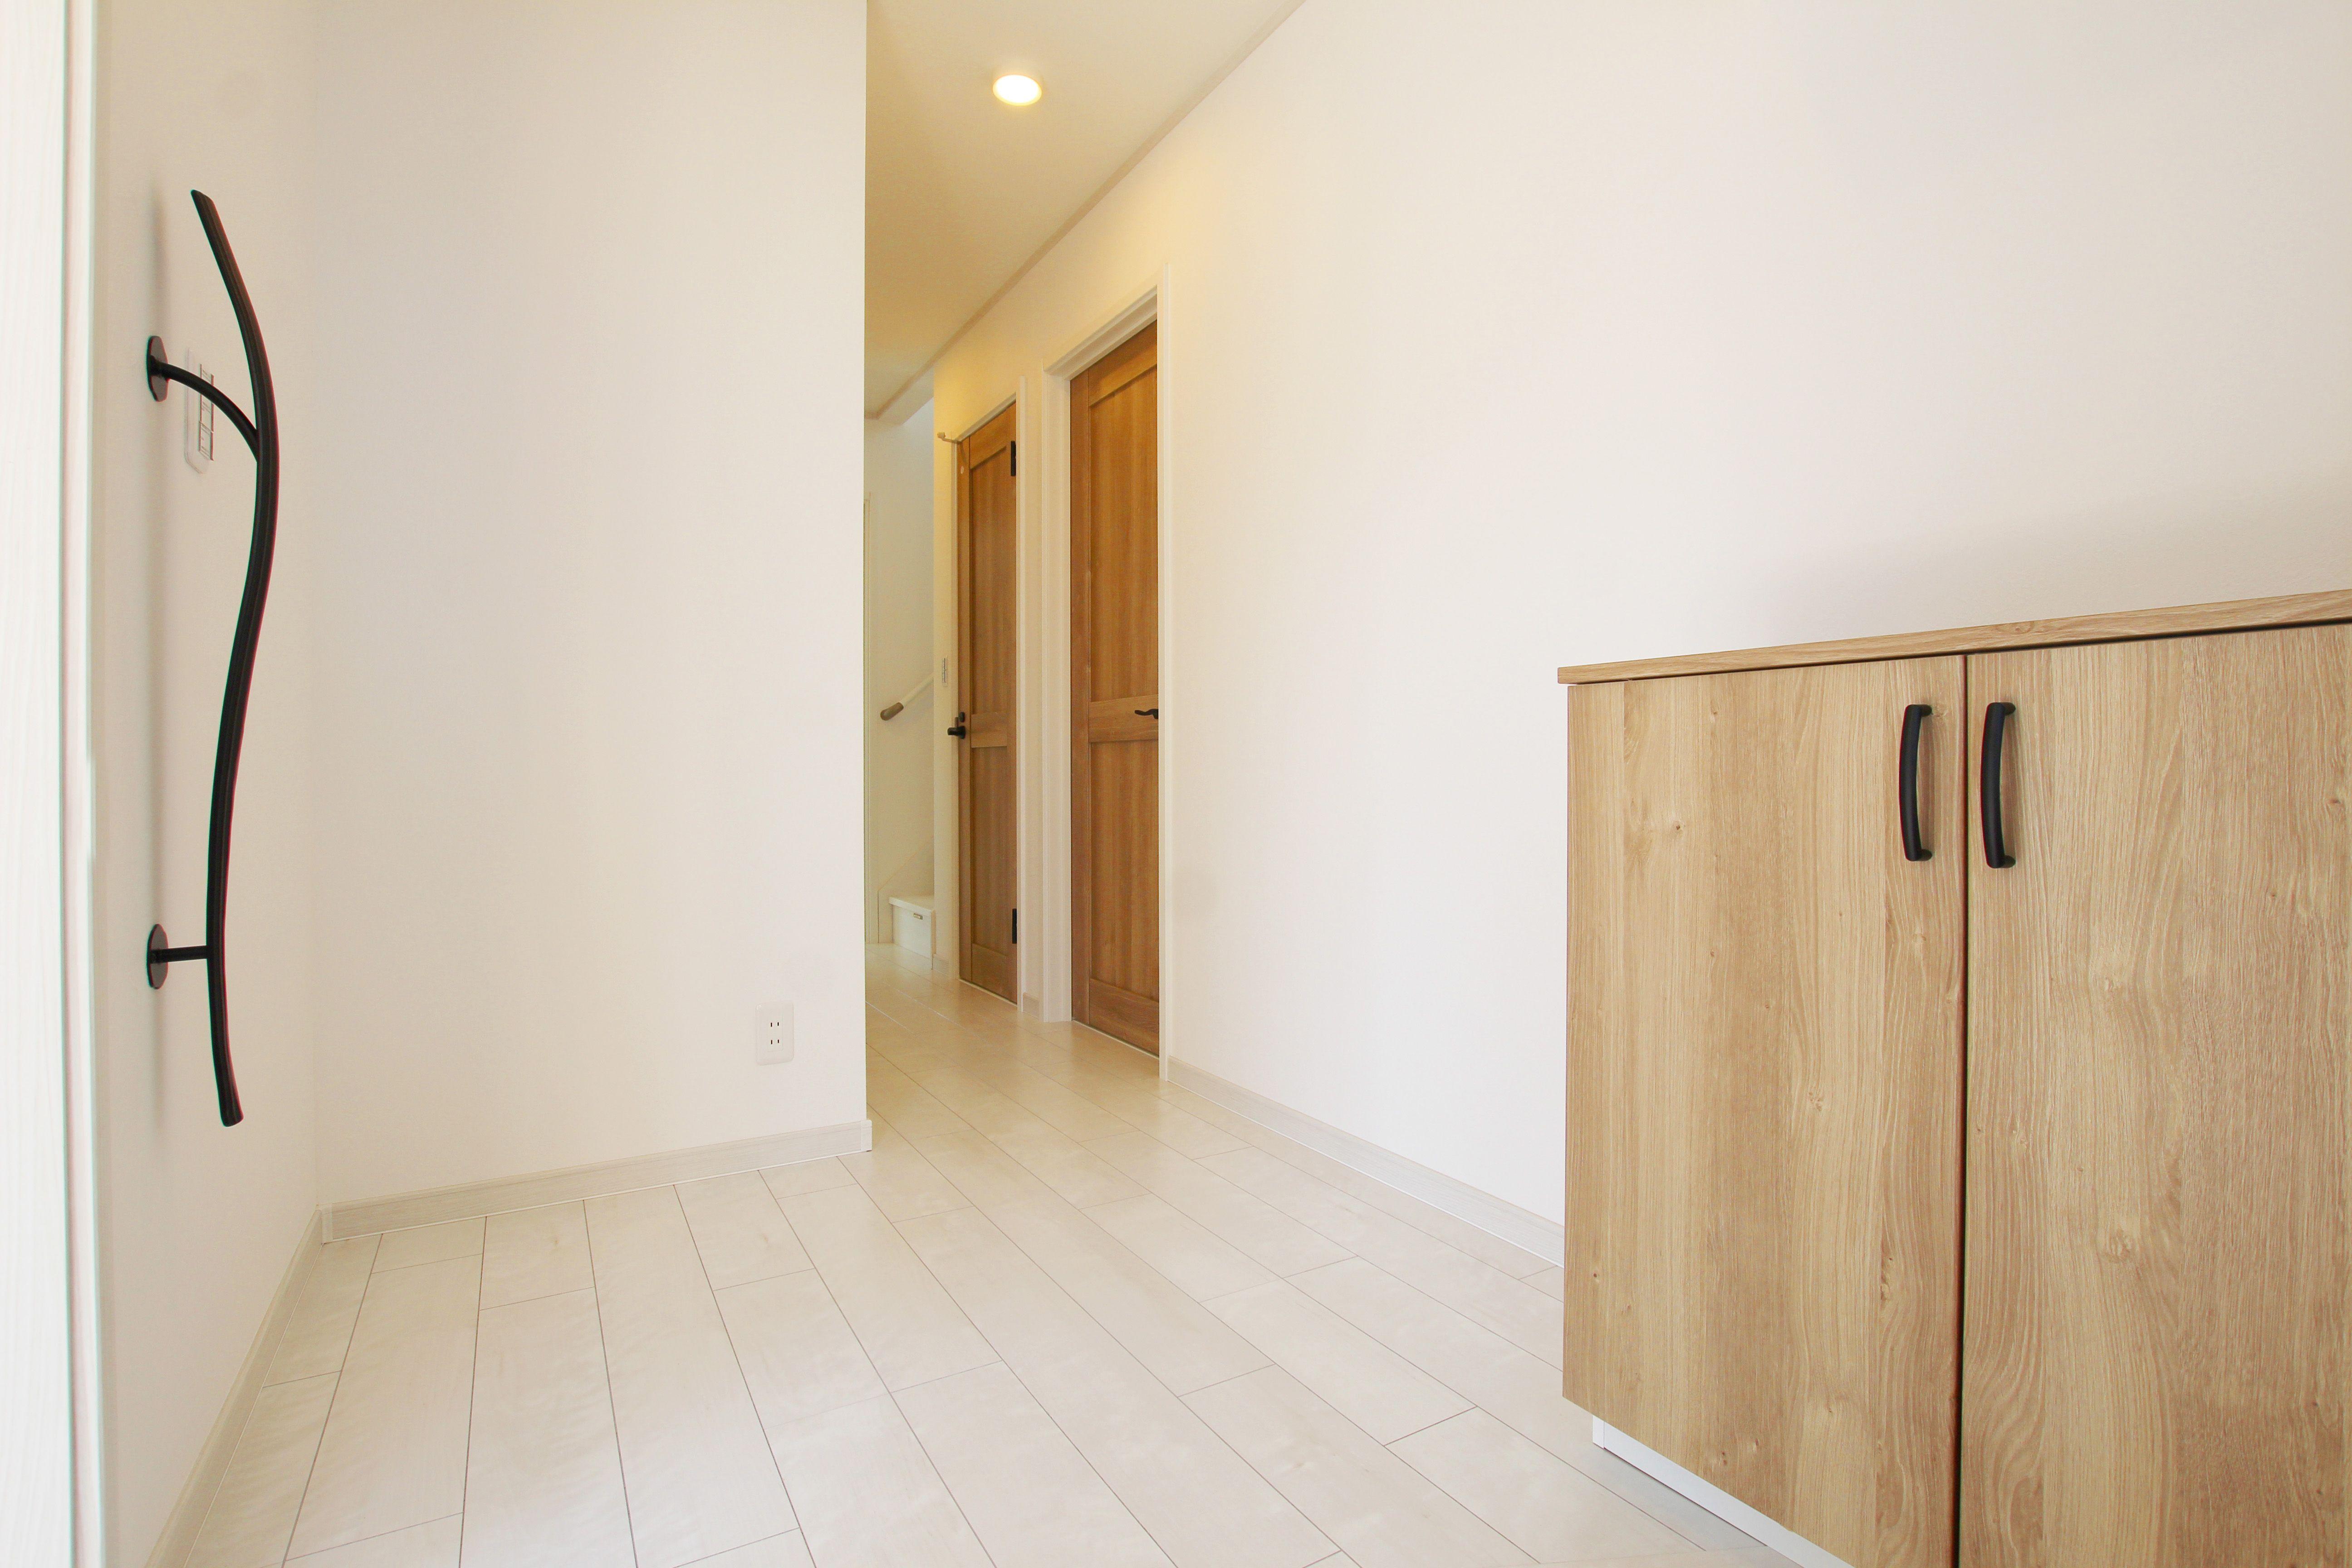 お客様をお迎えする玄関ホール 白を基調とした内装に 木目調の